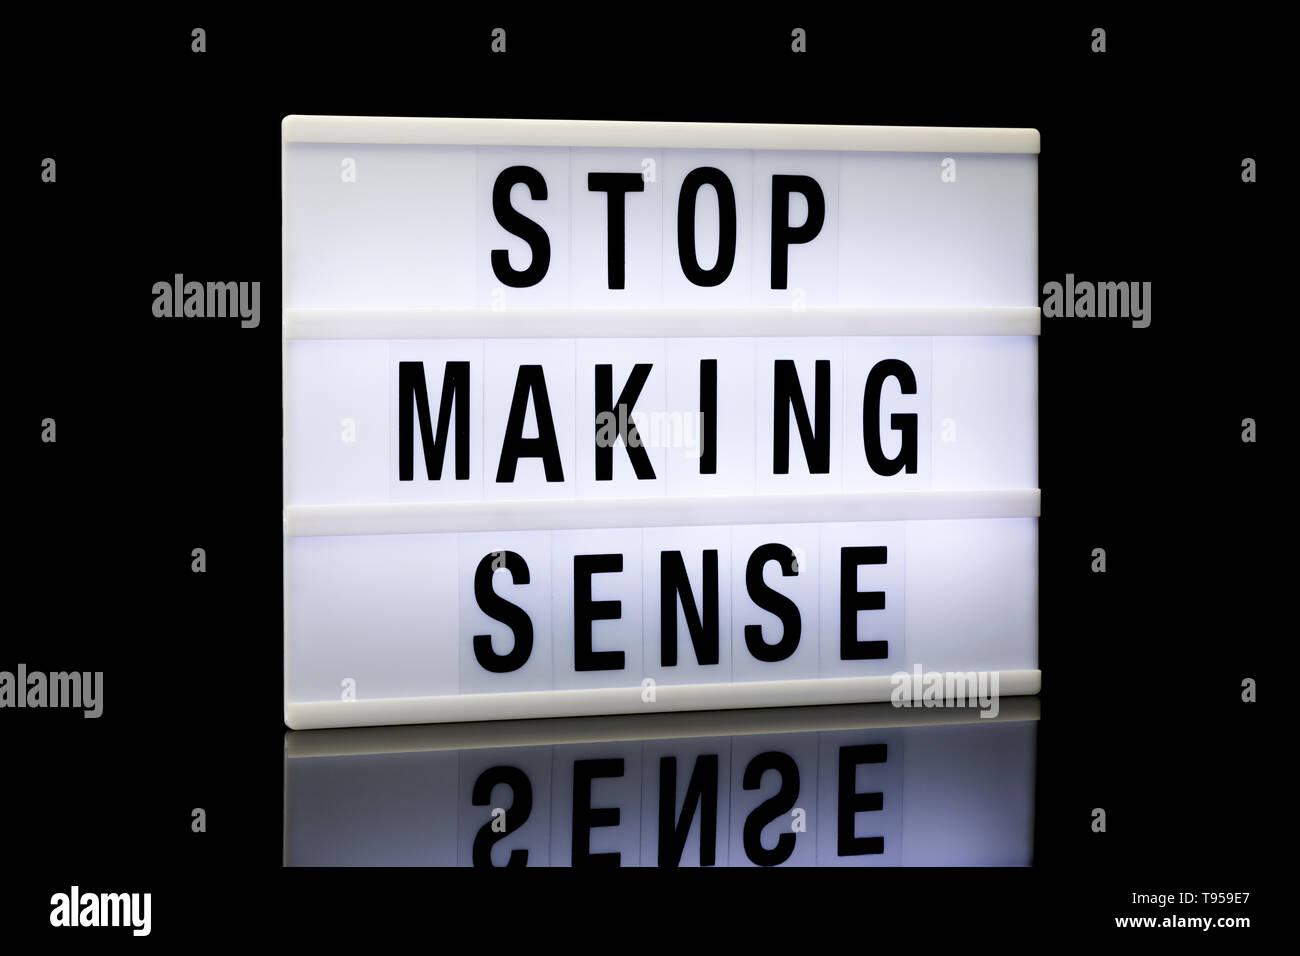 Stop Making Sense, une phrase écrite sur lightbox reflétée sur fond noir Photo Stock